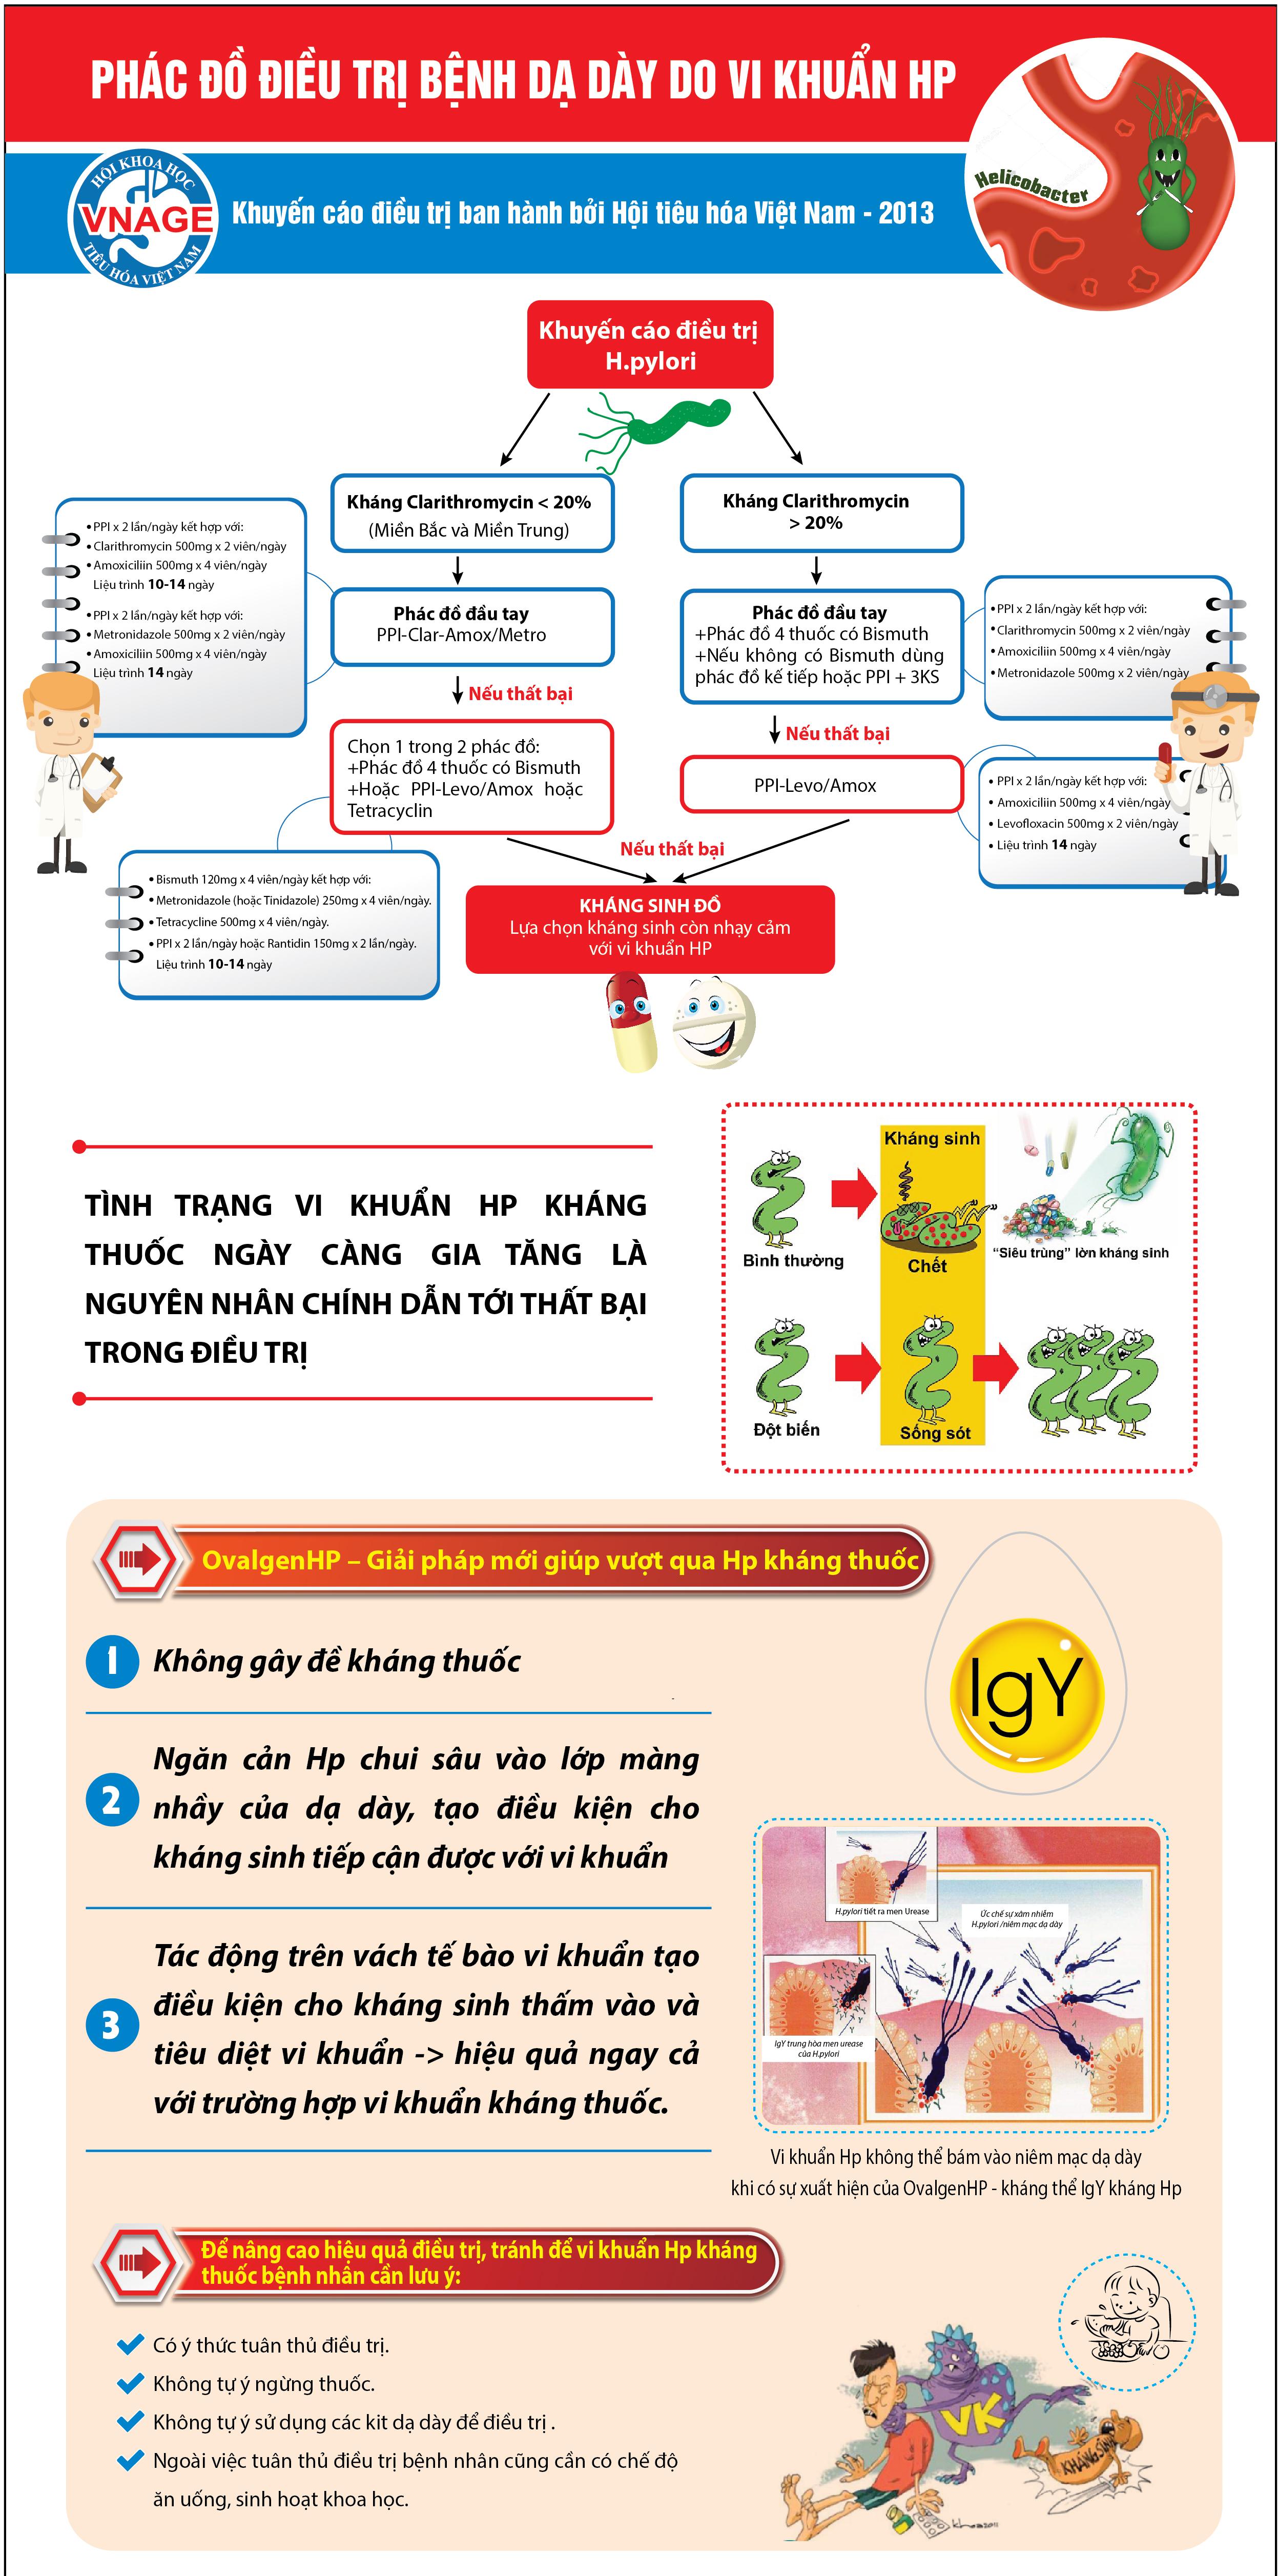 Infographic - Phác đồ điều trị bệnh dạ dày do vi khuẩn Hp 1